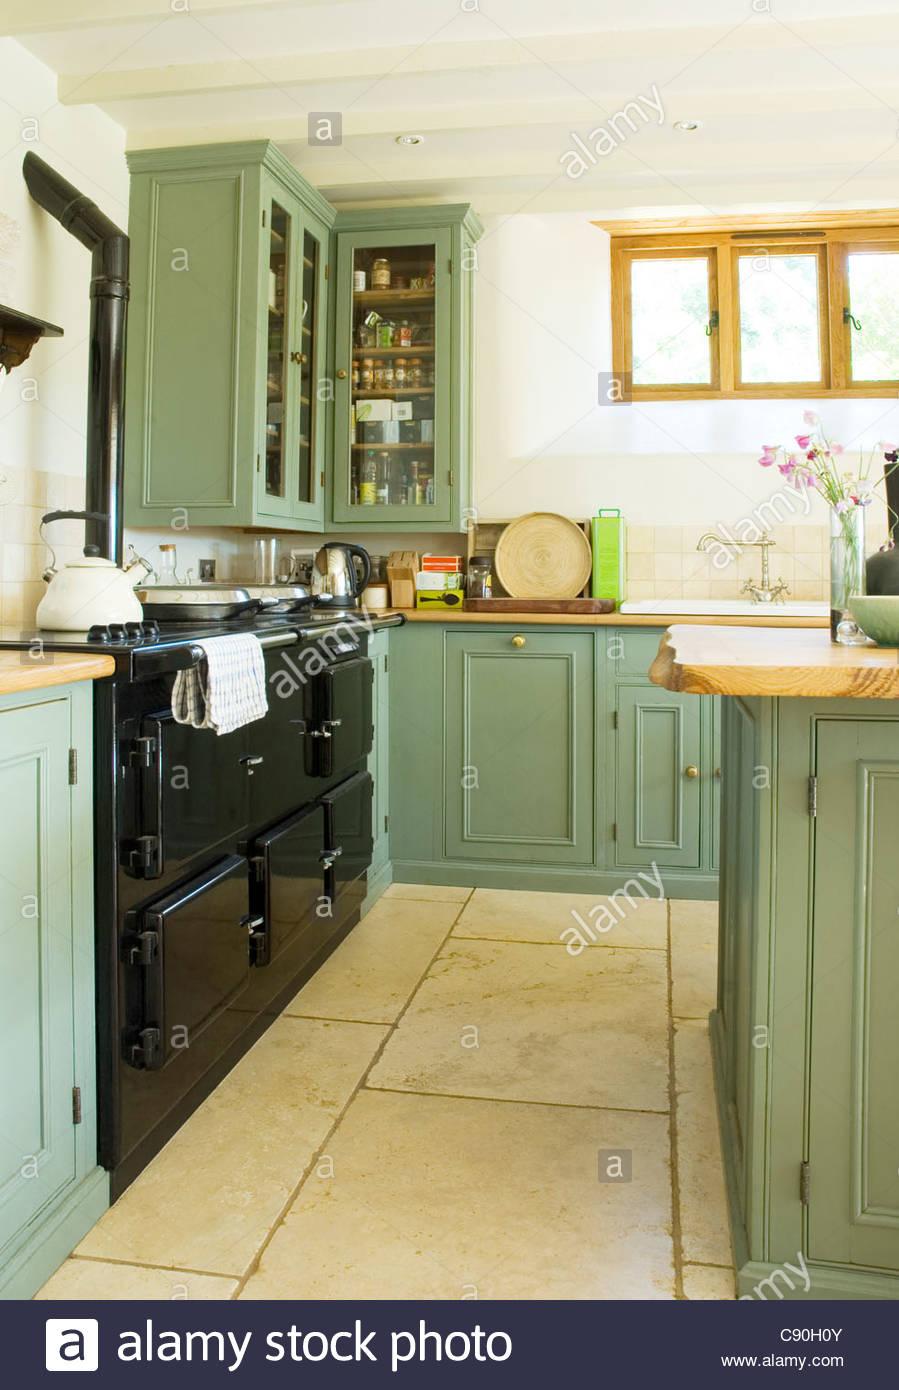 Gut bekannt Altmodische Ofen in modernen Küche Stockfoto, Bild: 39965995 - Alamy NJ86